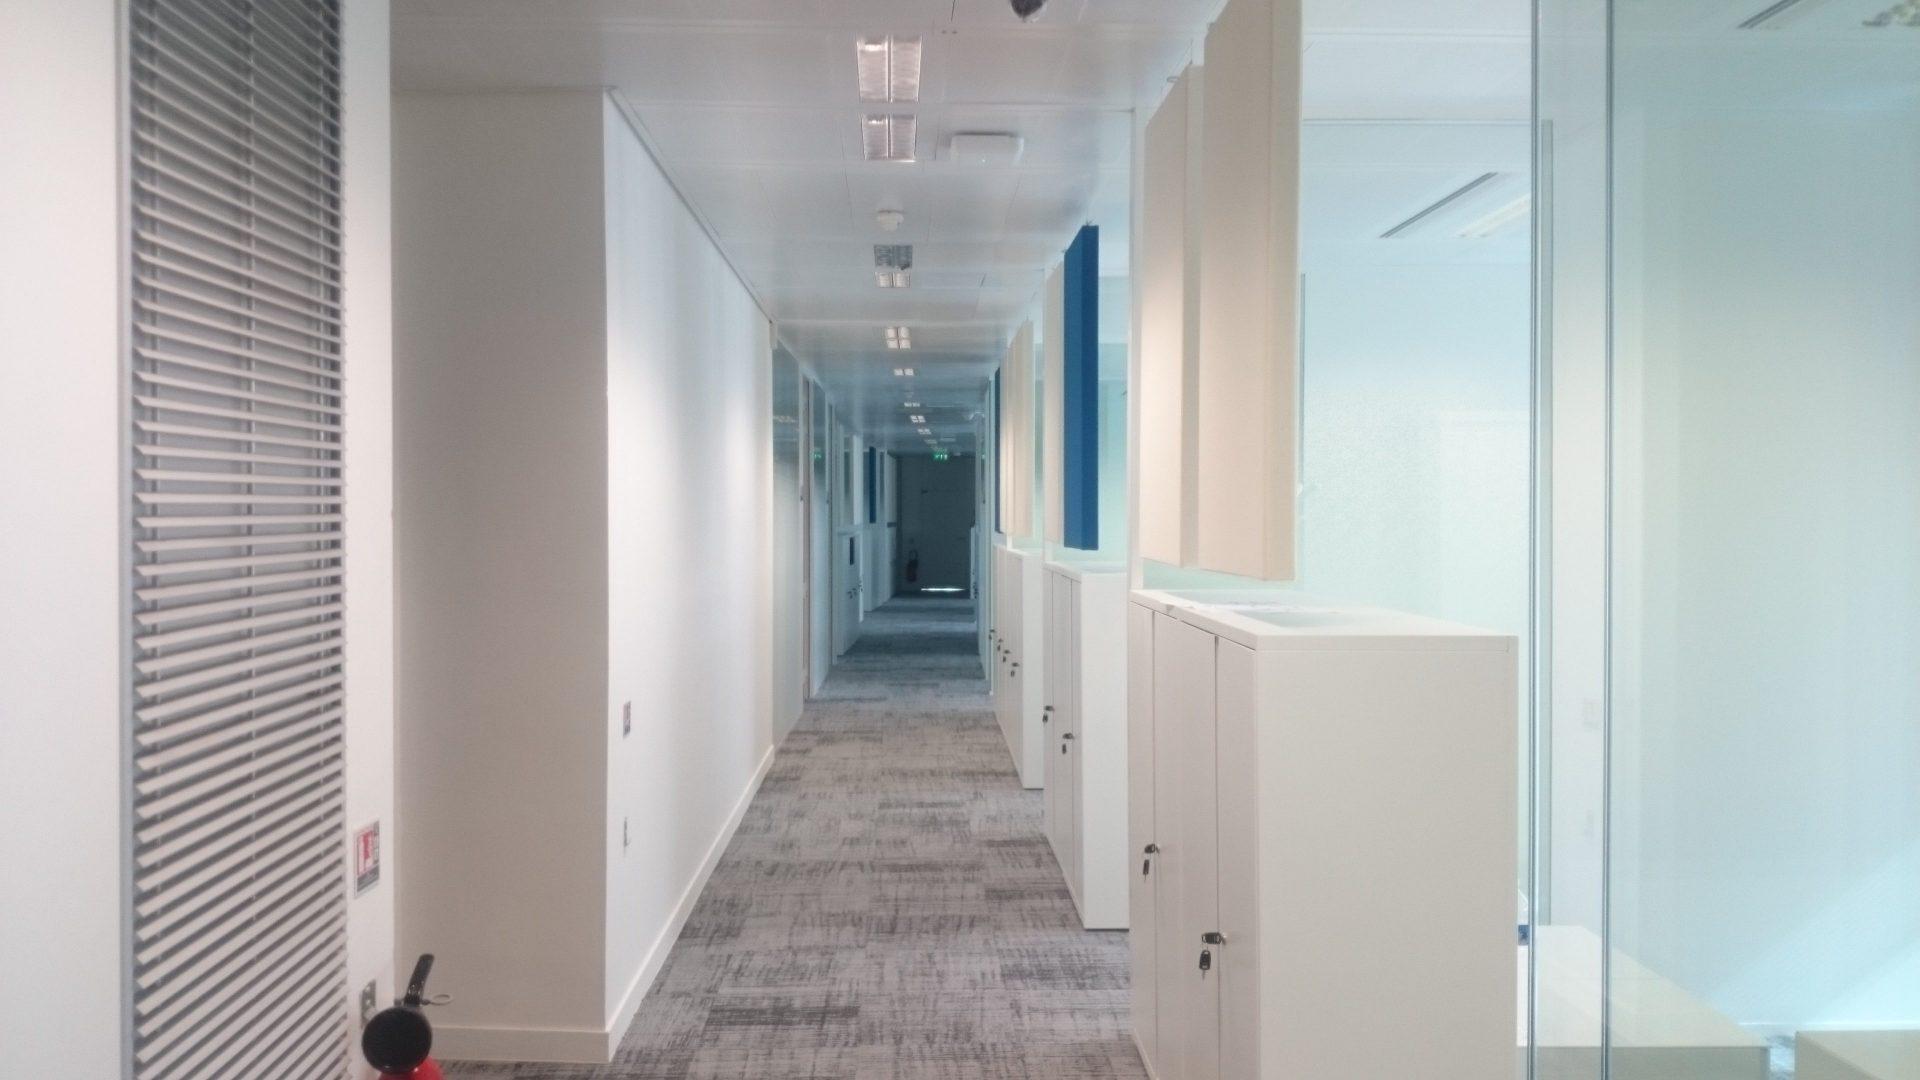 Couloir avec extincteur et rangements fermés